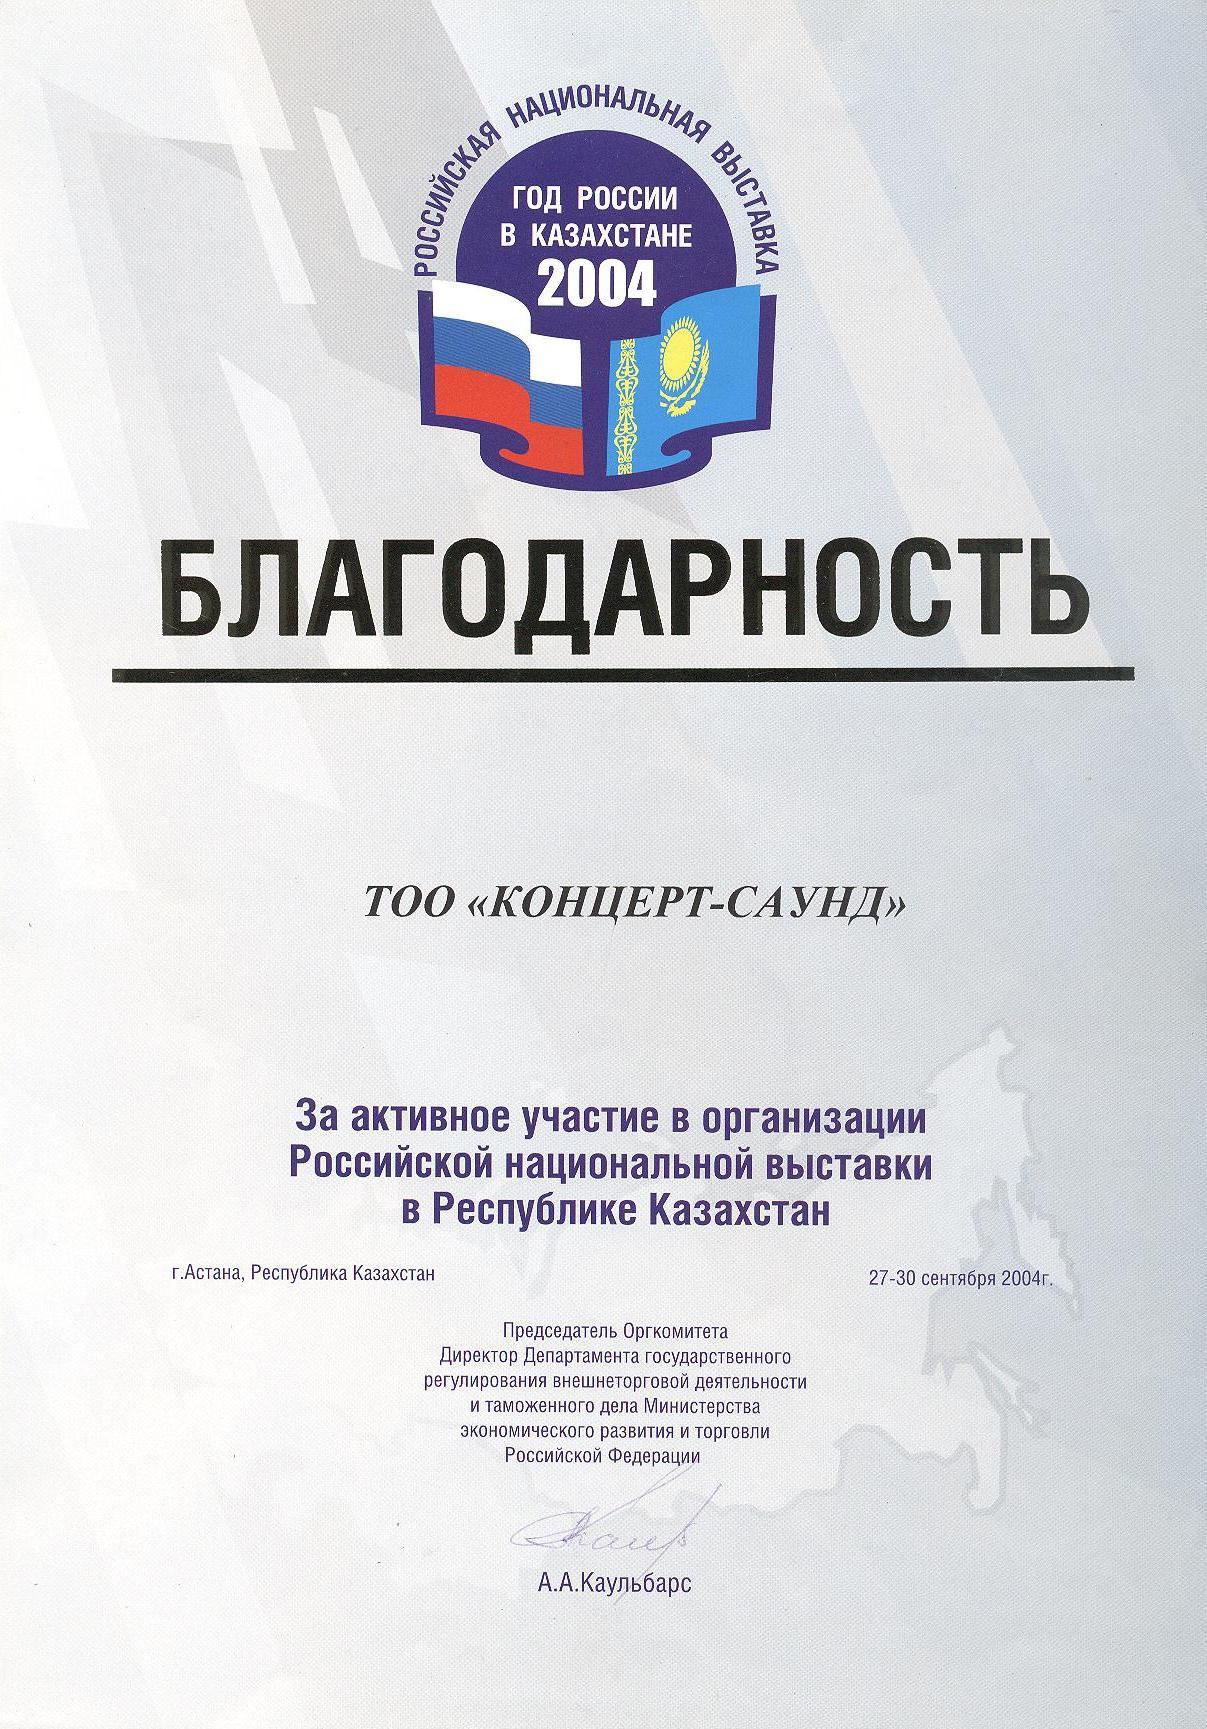 Департамент государственного регулирования внешнеторговой деятельности и таможенного дела Министерства экономического развития и торговли РФ